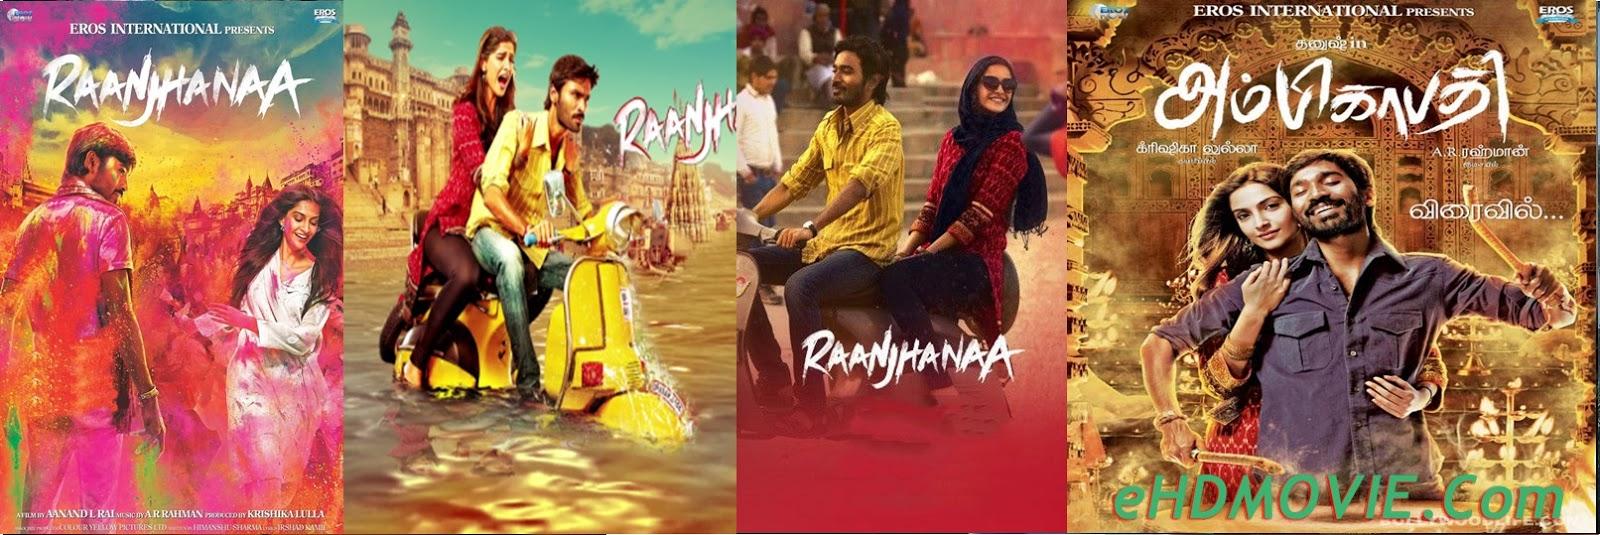 Raanjhanaa 2013 Full Movie Hindi 720p – 480p ORG BRRip 500MB - 1.2GB ESubs Free Download